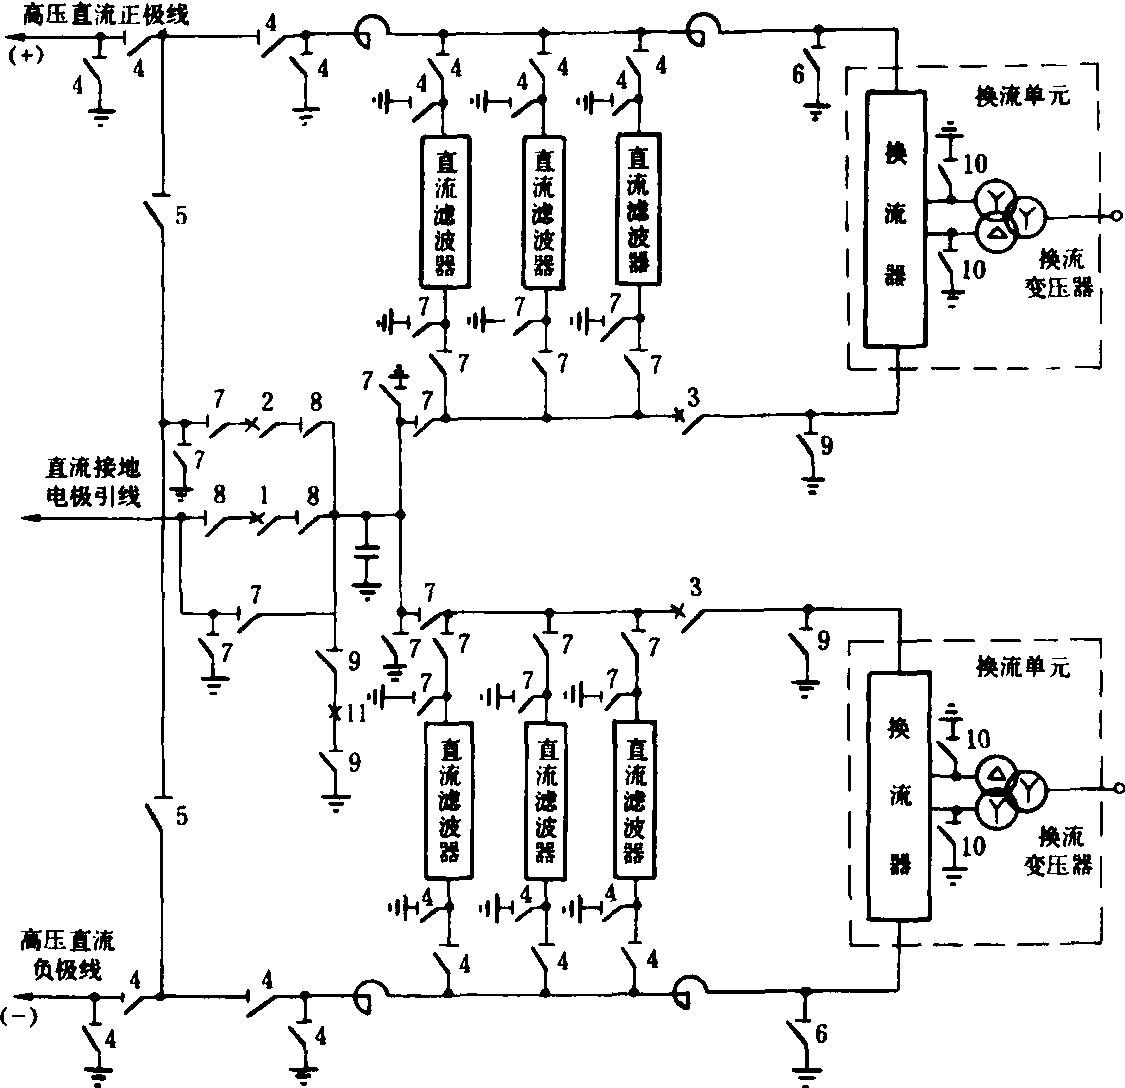 直流回路的接线方式和切断部分故障电流,一般在换流站内装设四种直流